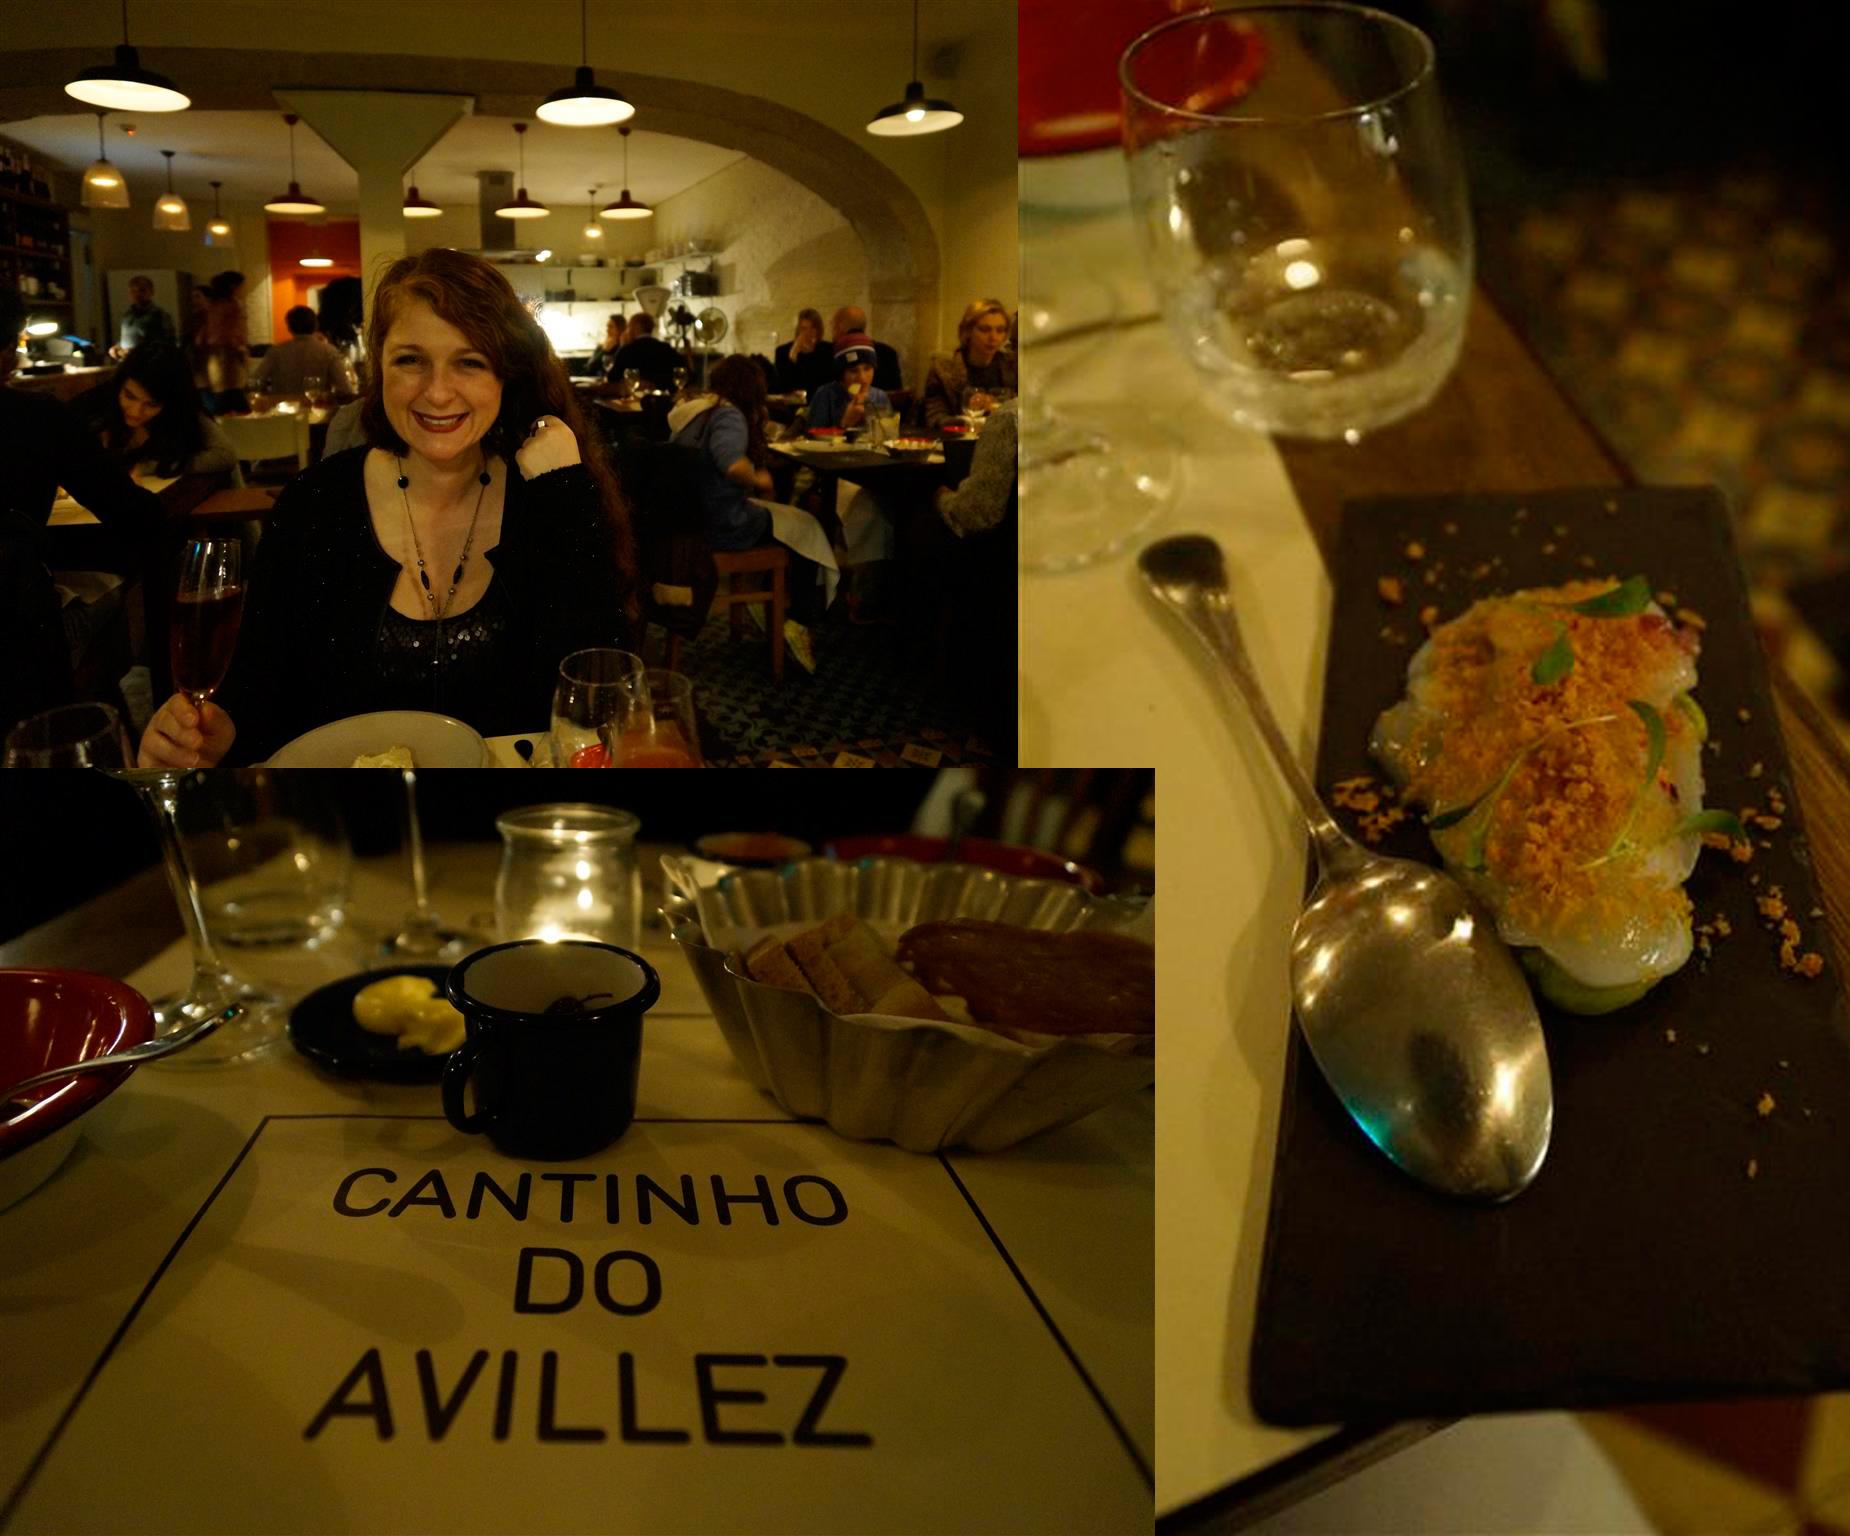 Reisetipps Lissabon in Winter von Ü40 Bloggerin Cerstin iknmlo Cantinho do Avillez